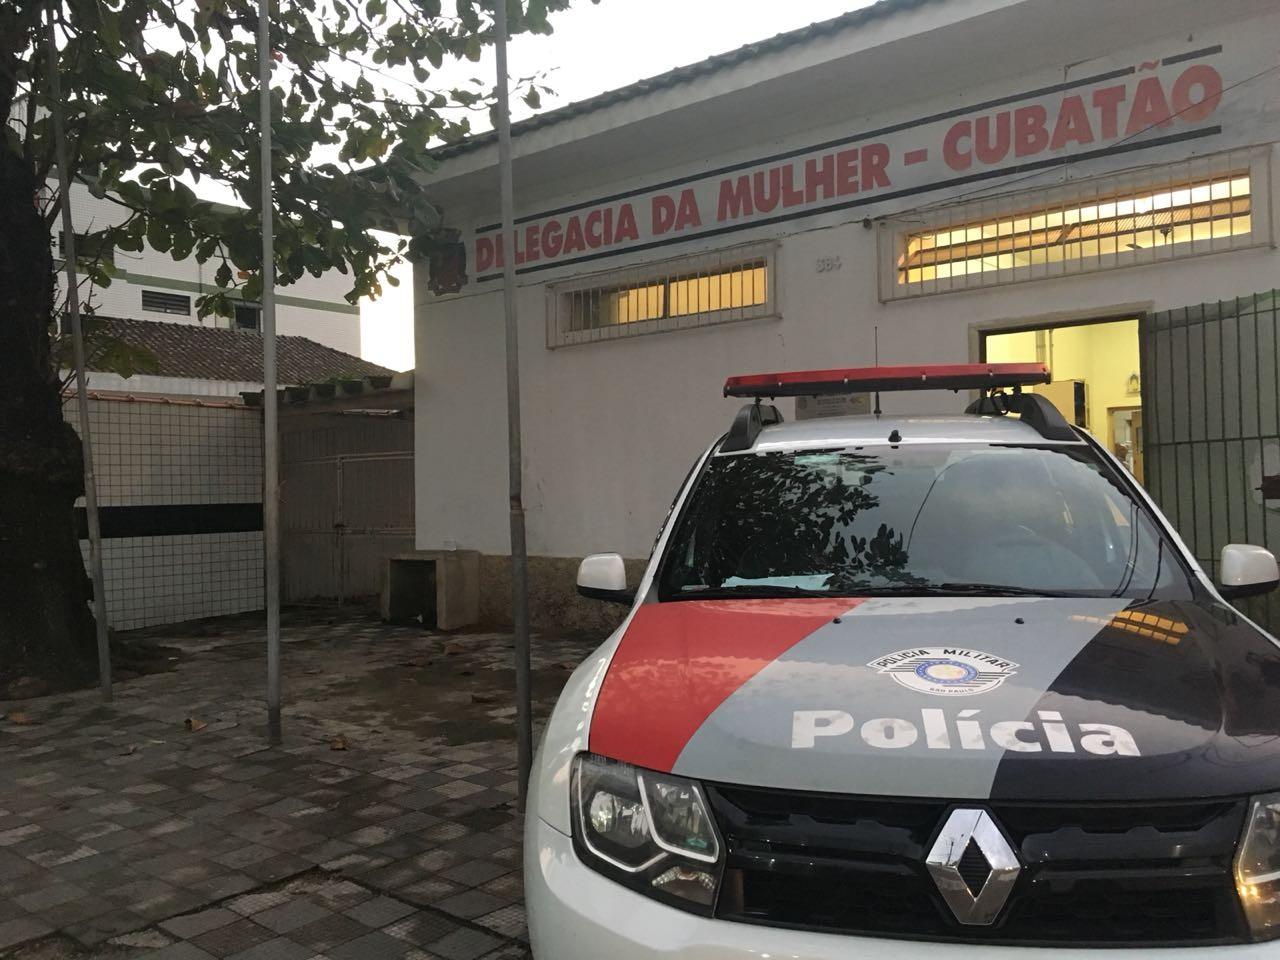 Menina pede para morrer após ser estuprada por primo em SP: 'Quero morar no céu' - Notícias - Plantão Diário